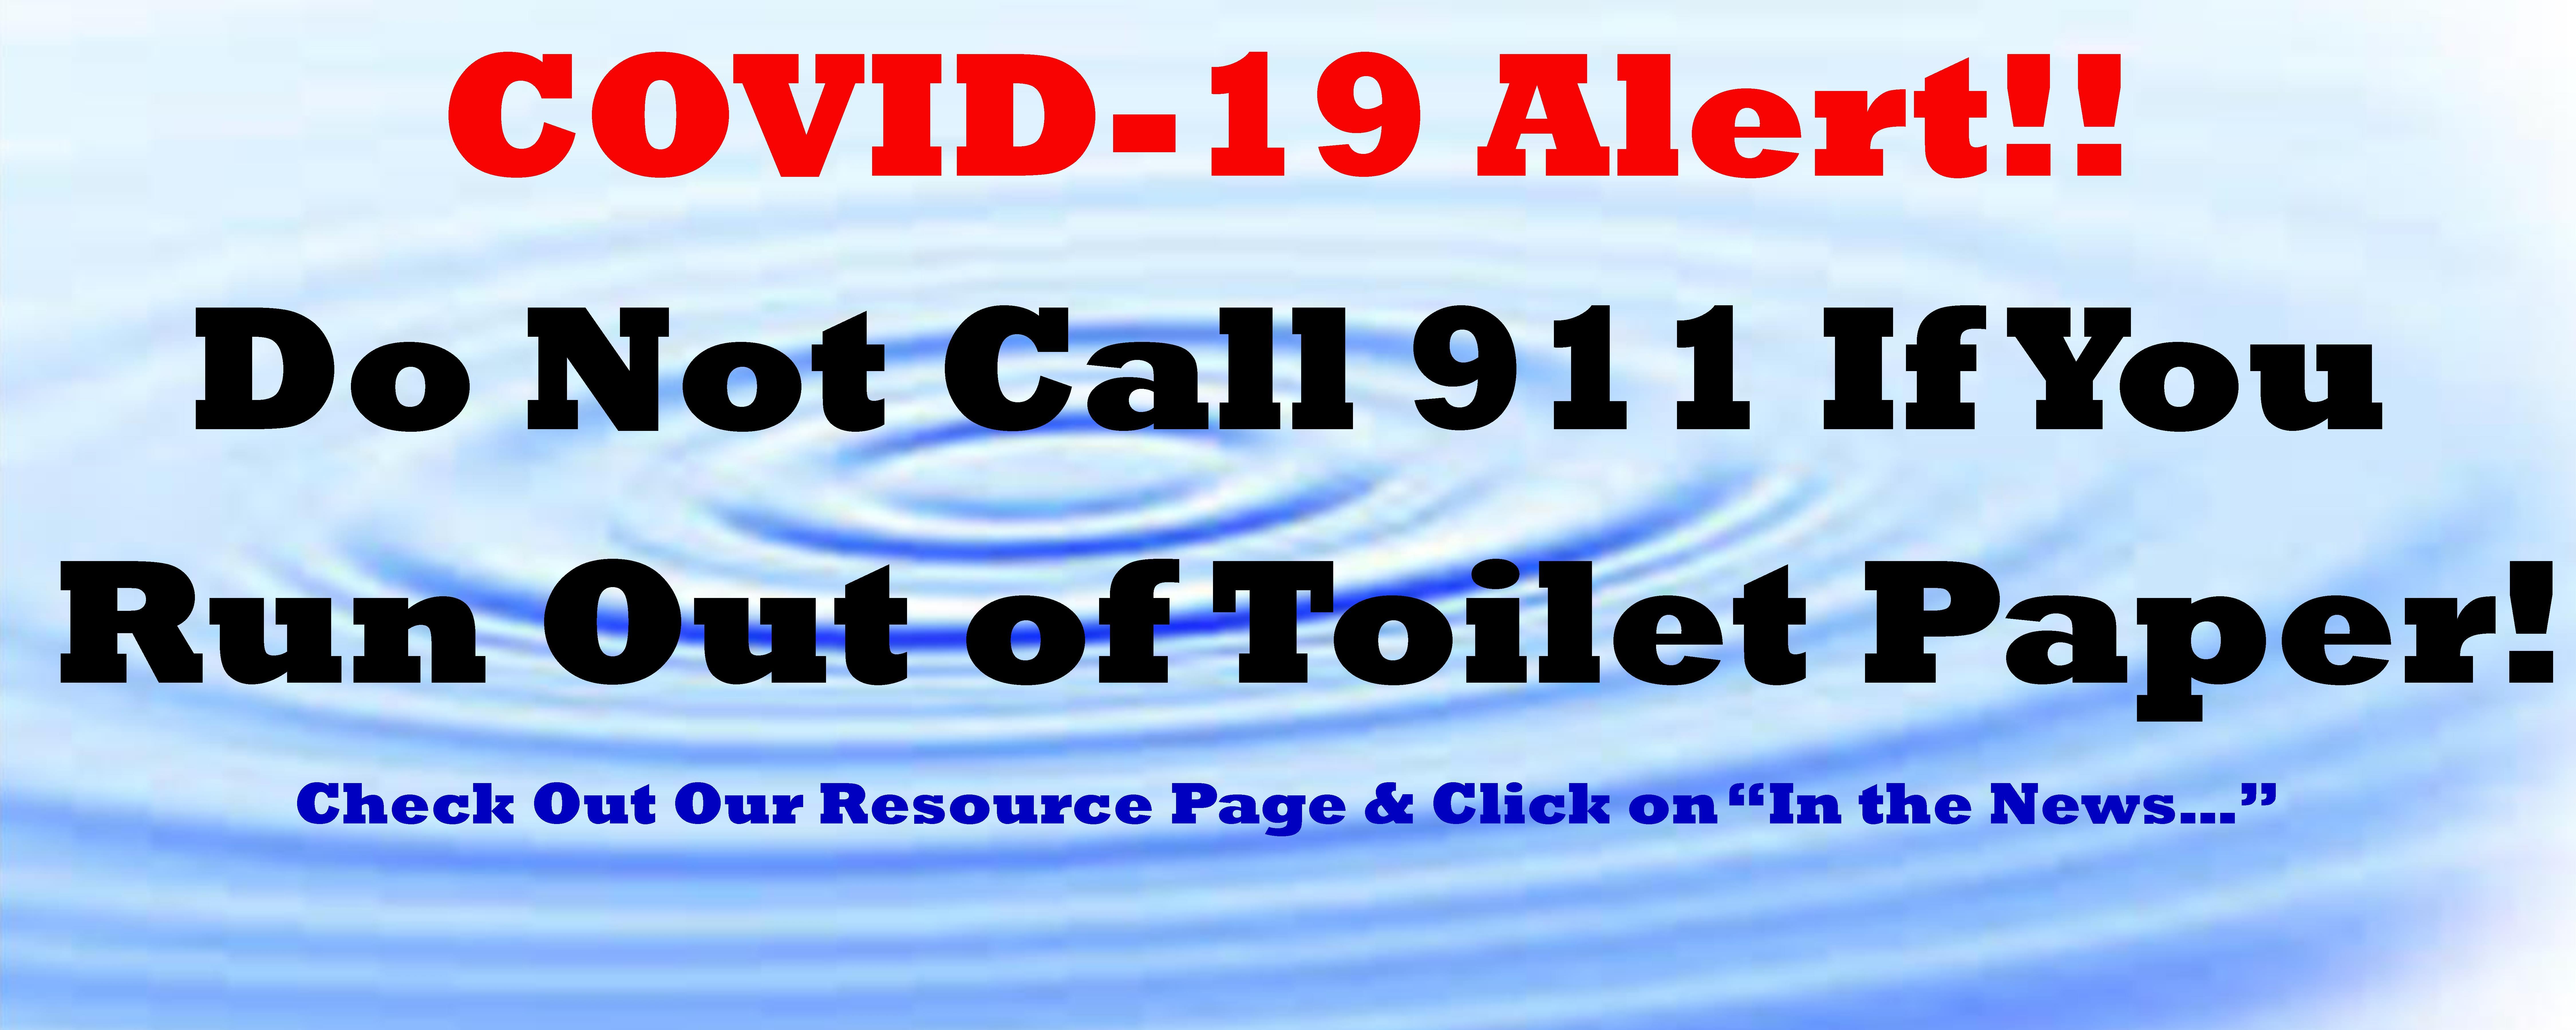 Toilet paper alert_2